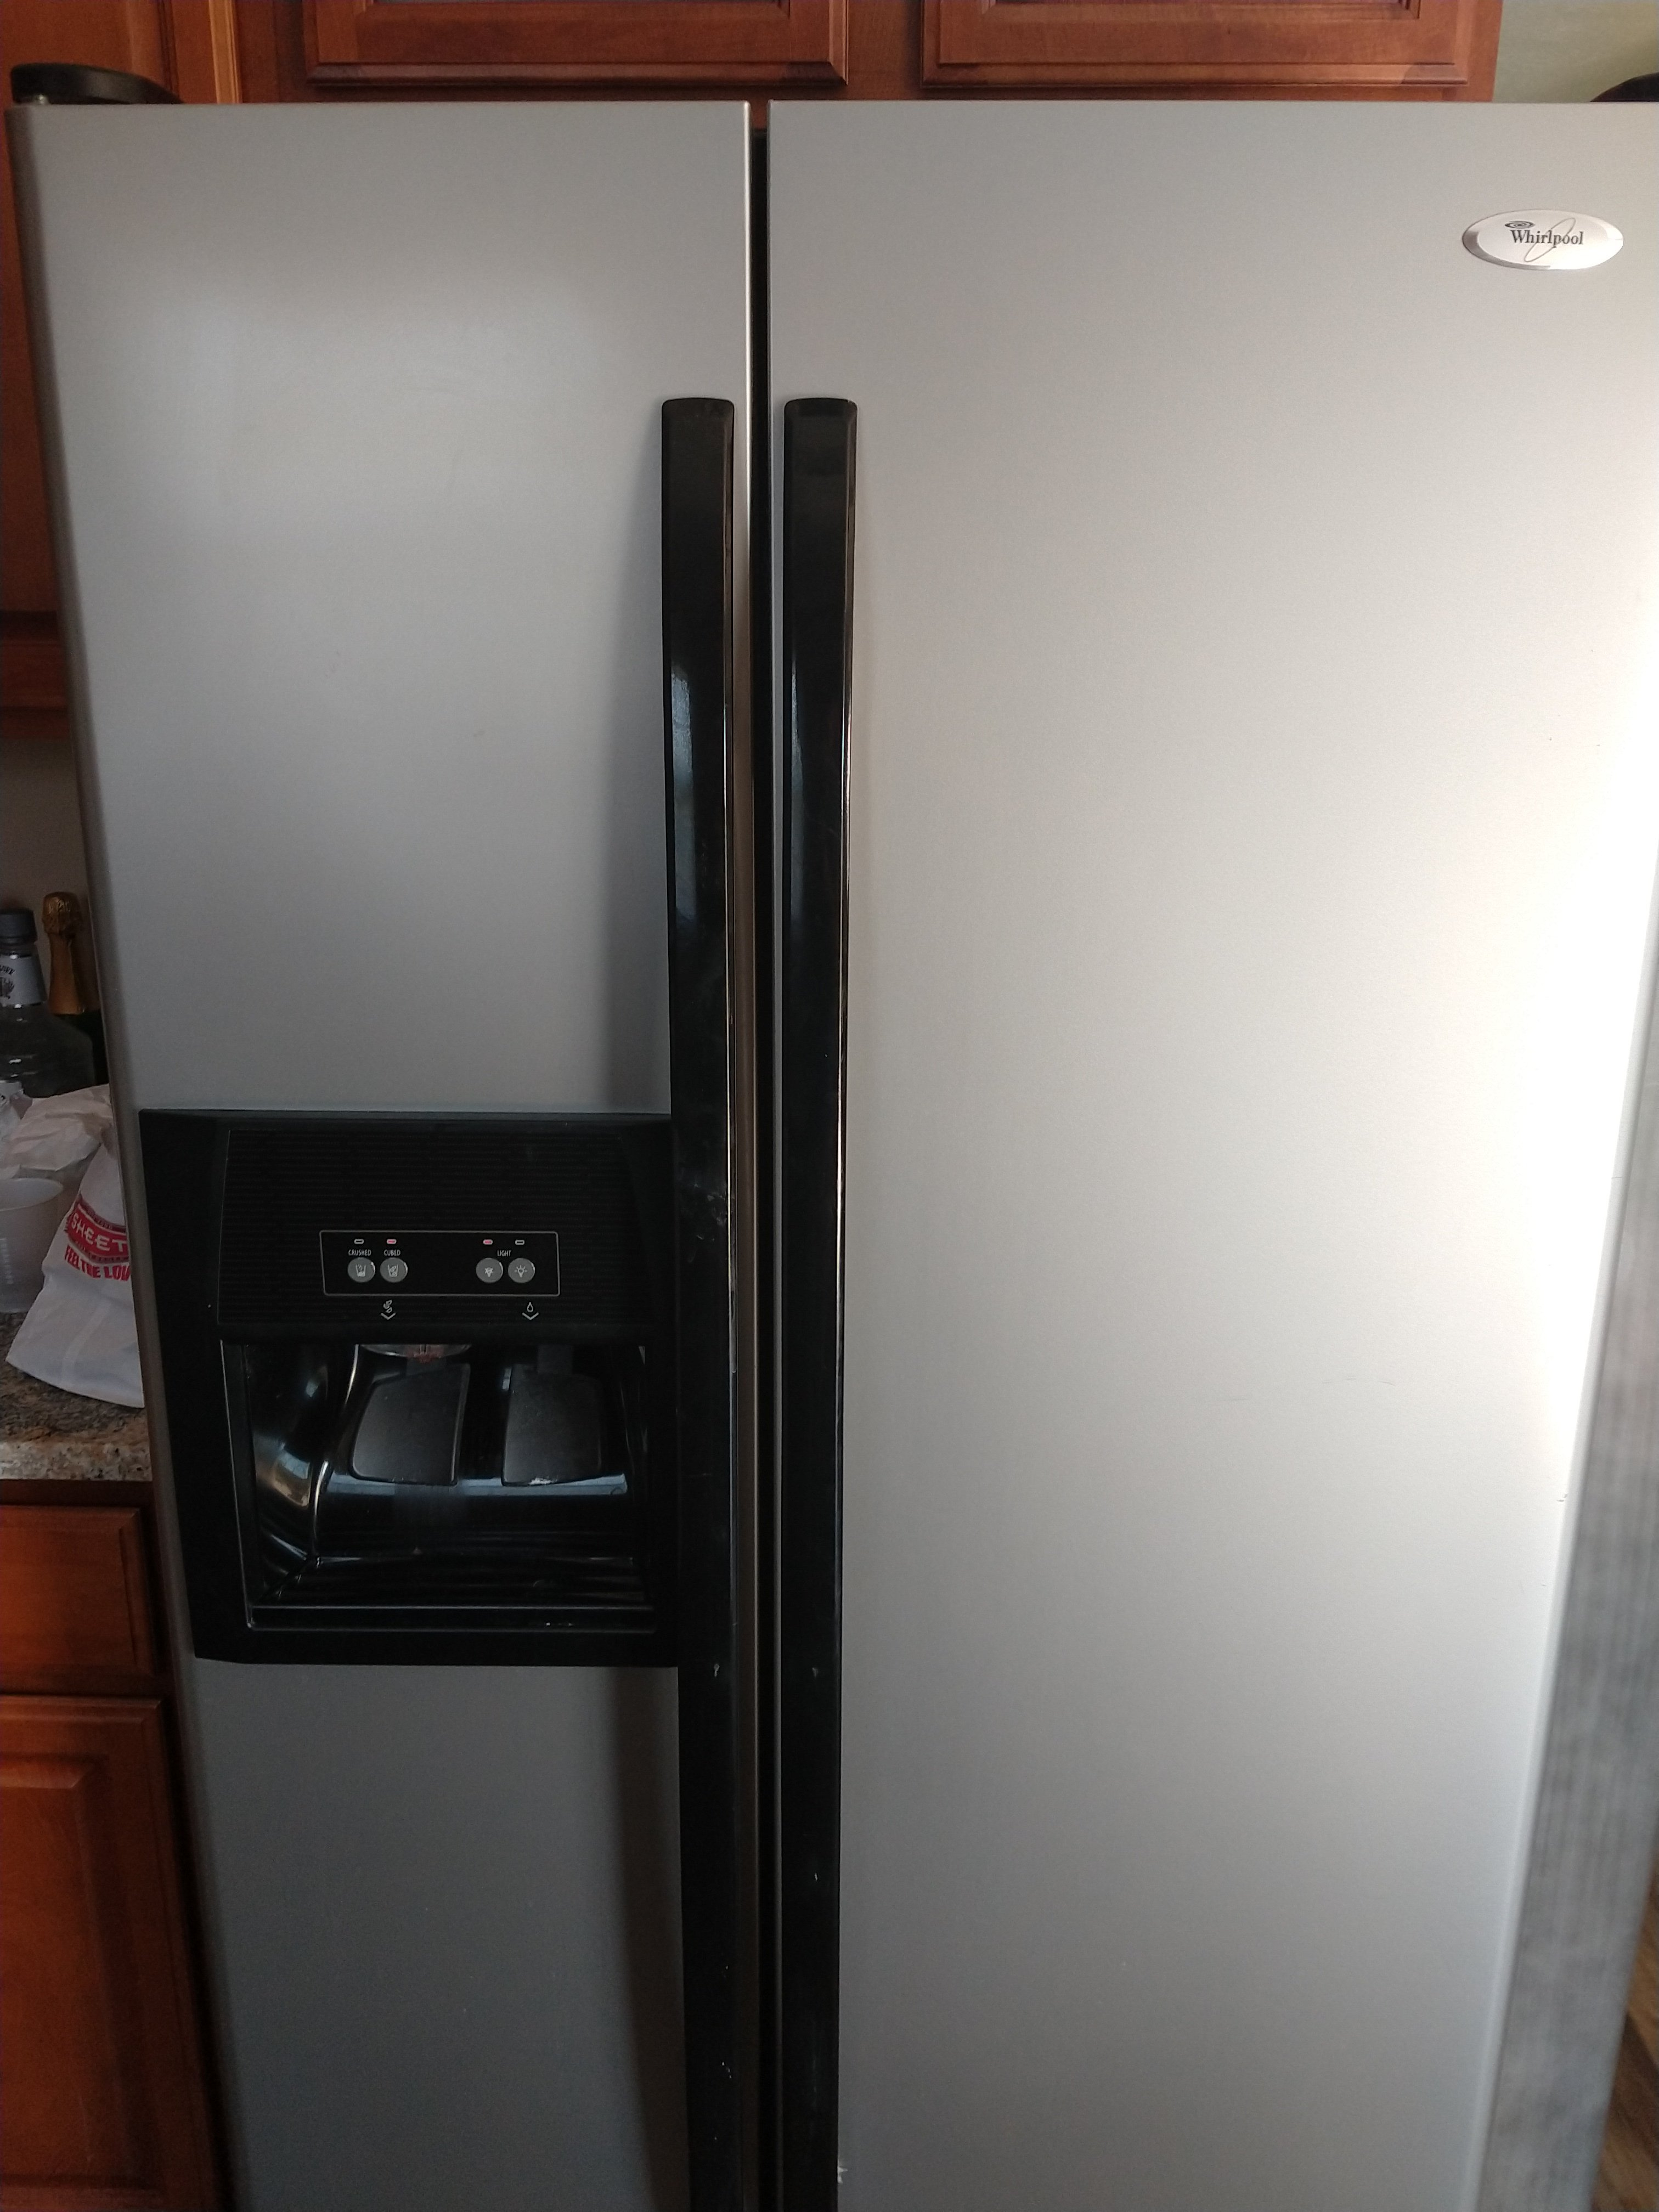 Whirlpool Refrigerator Dishwasher Repair Du840swpso